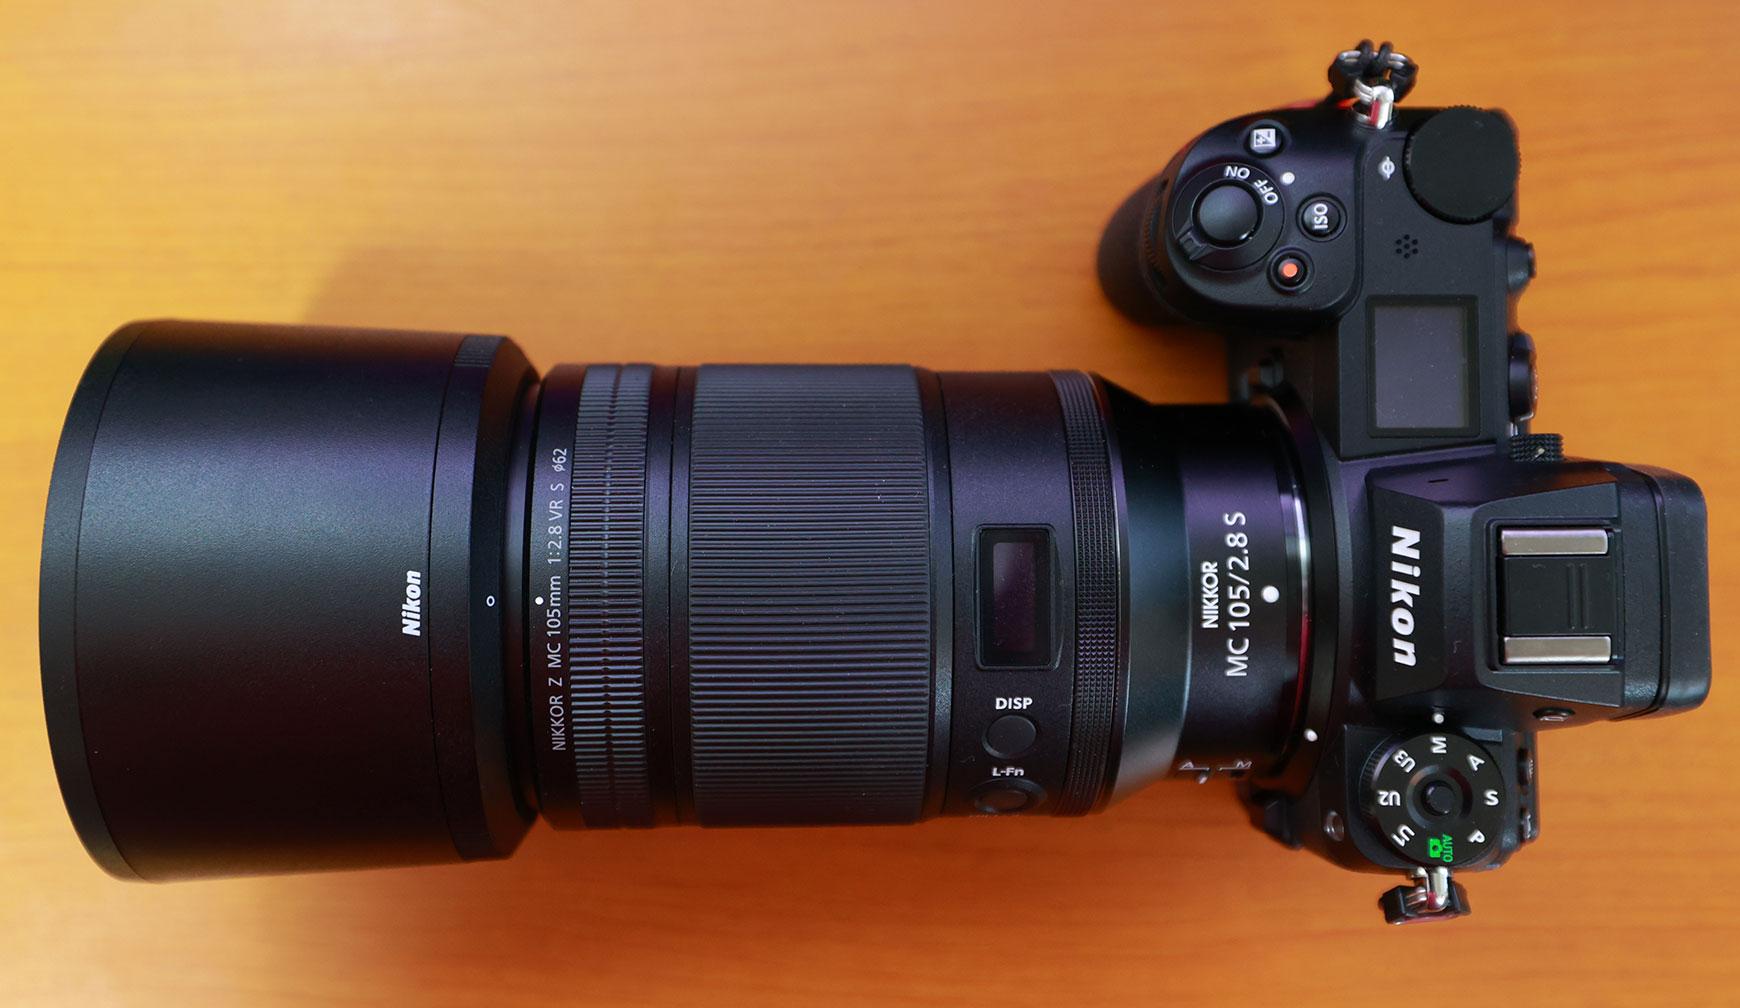 Nikon Z7Ⅱに装着した状態